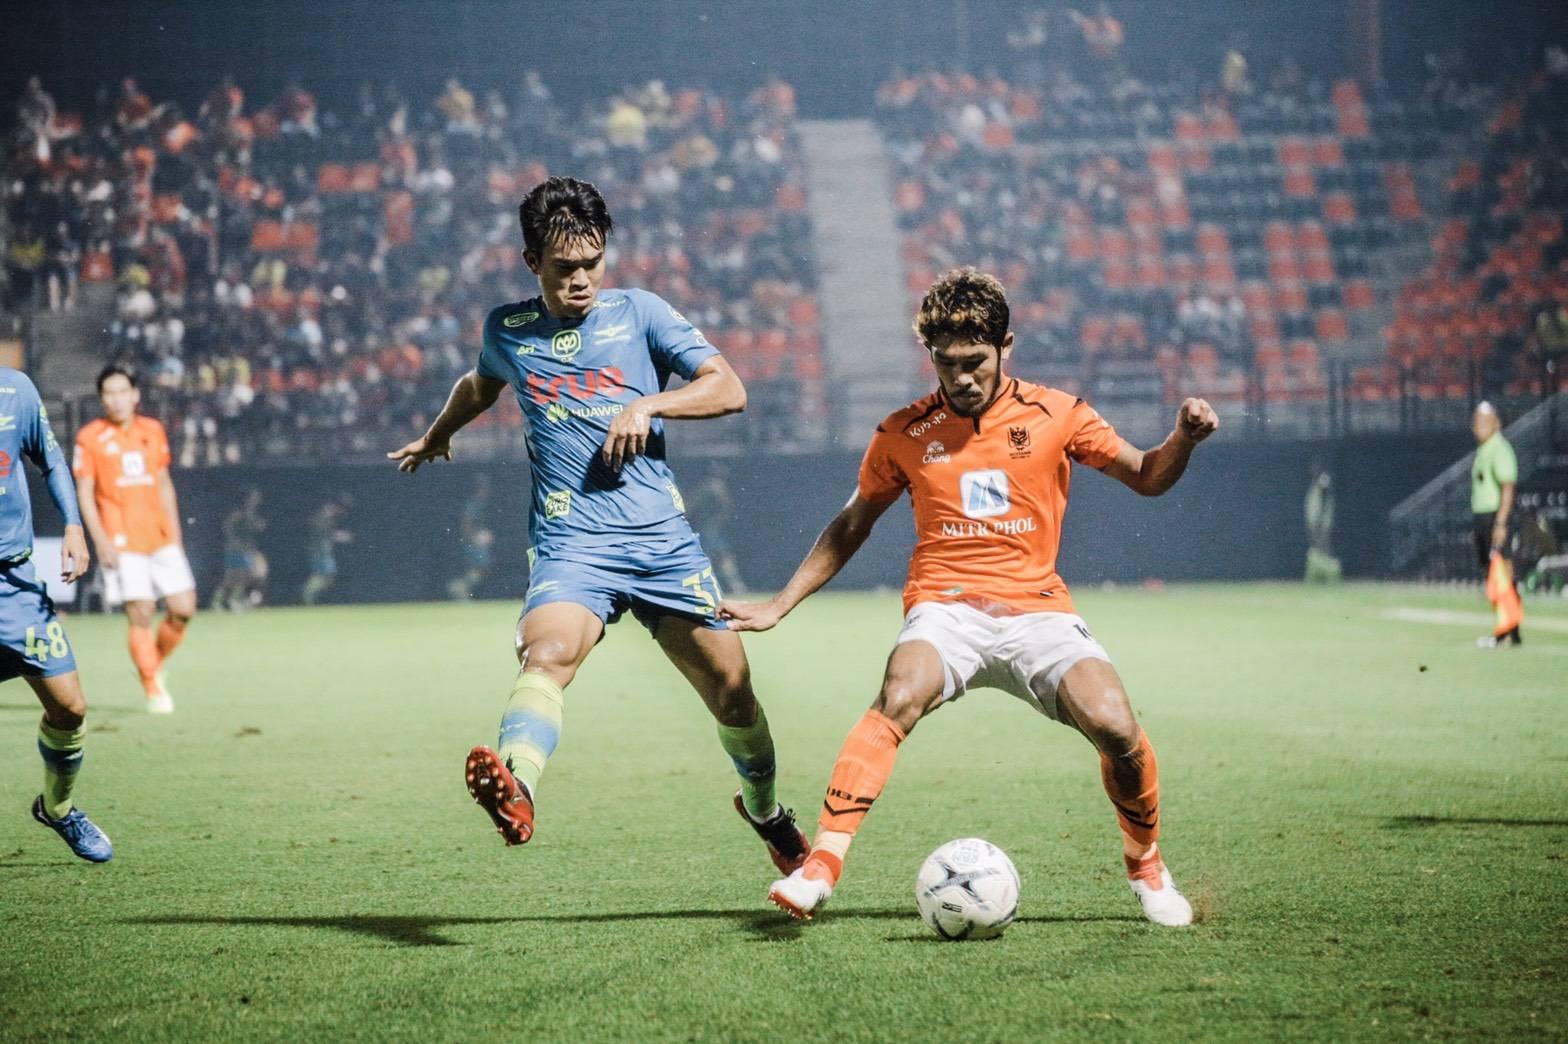 วิเคราะห์เกม ศึกไทยลีก 'ราชบุรี มิตรผล เอฟซี VS ทรู แบงค็อก ยูไนเต็ด' คืนนี้ 18.00 น.